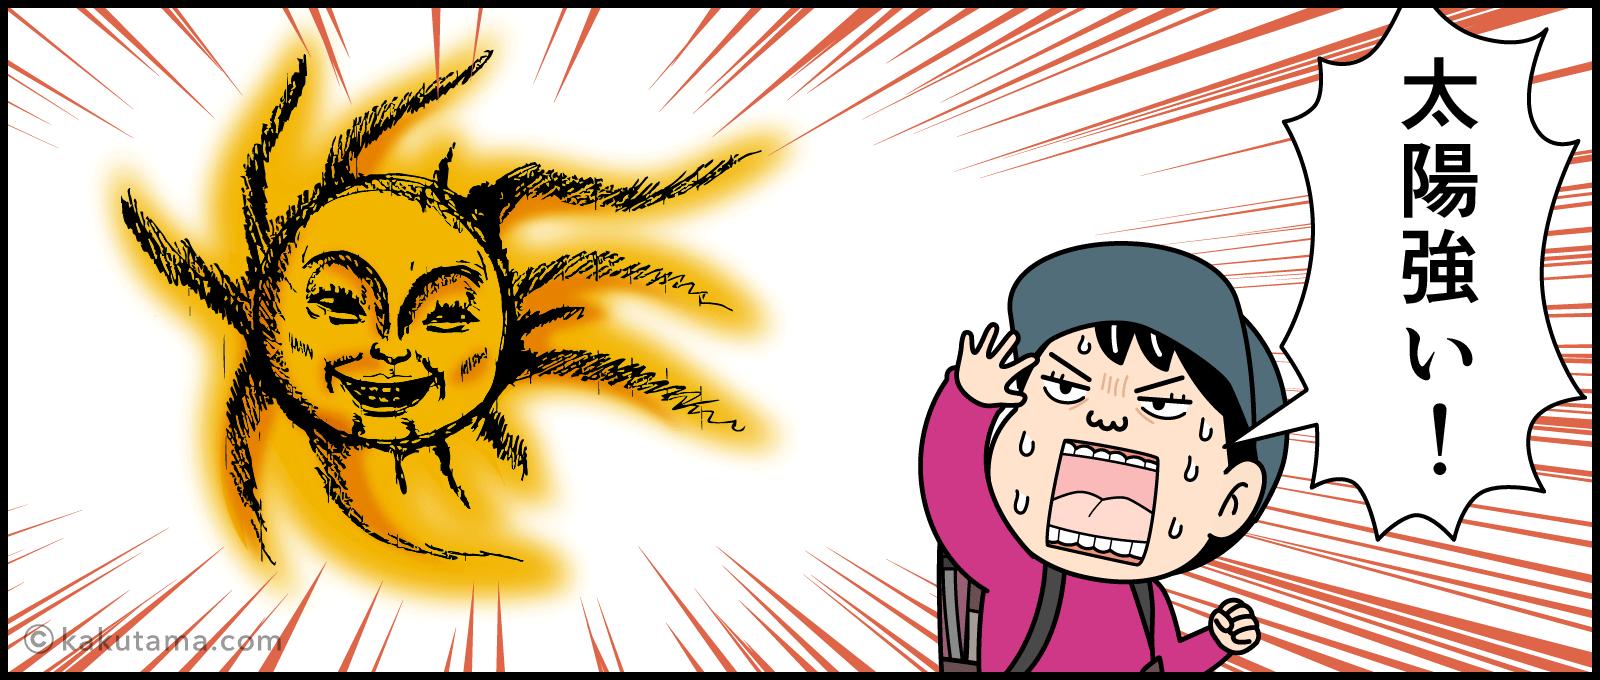 ギラギラしている太陽のイラスト